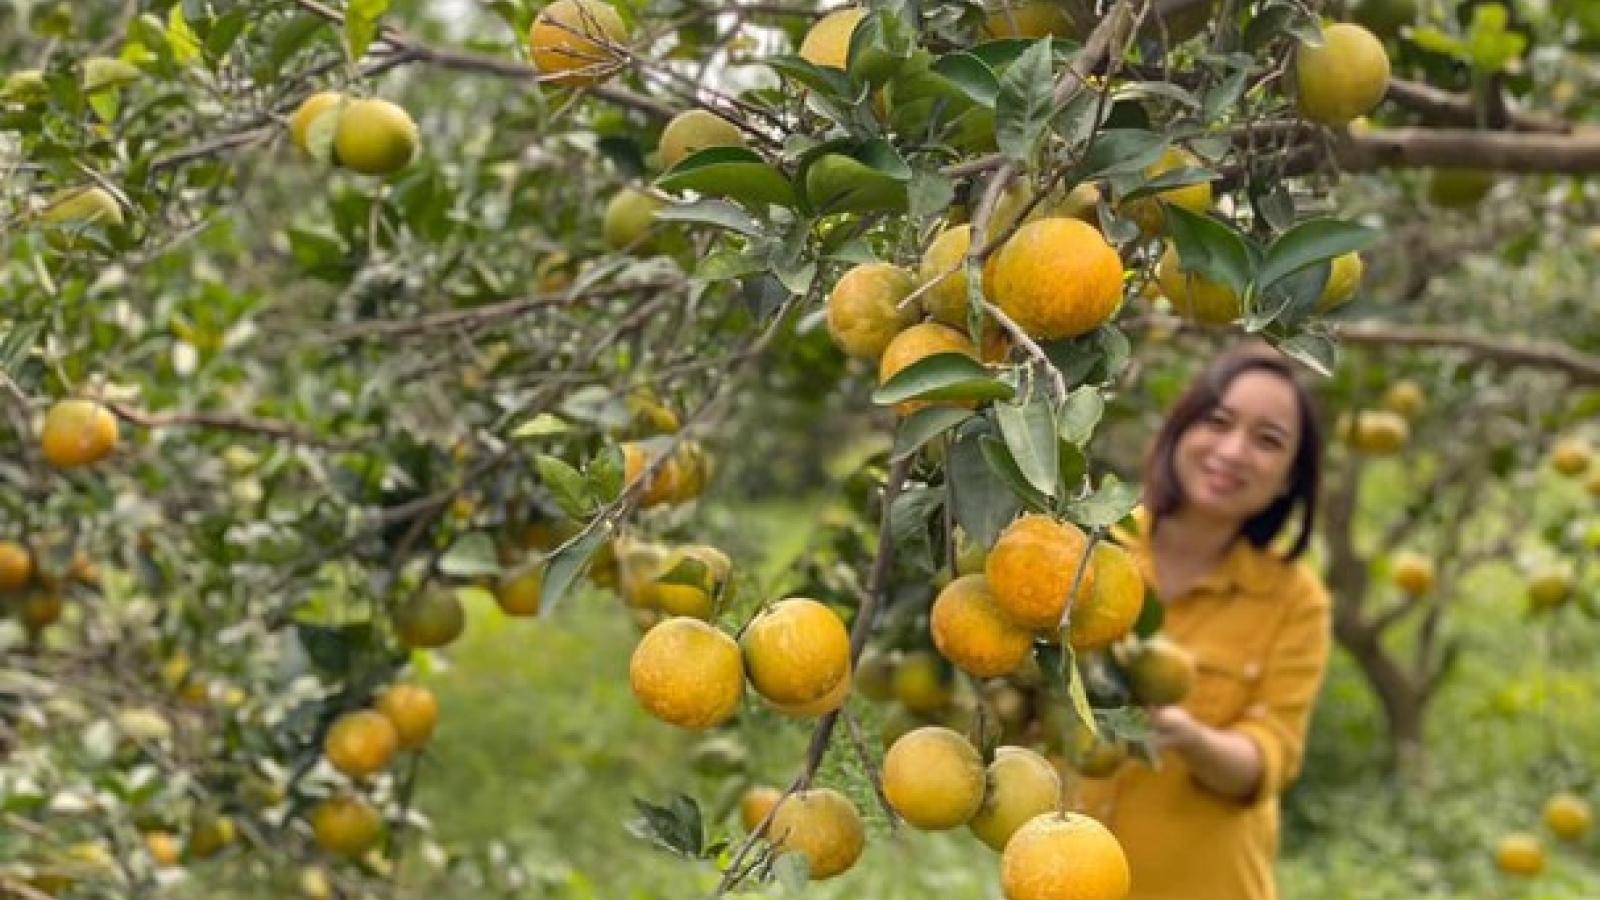 Lần đầu tiên Nghệ An có trang trại cam Vinh đạt tiêu chuẩn xuất khẩu toàn cầu